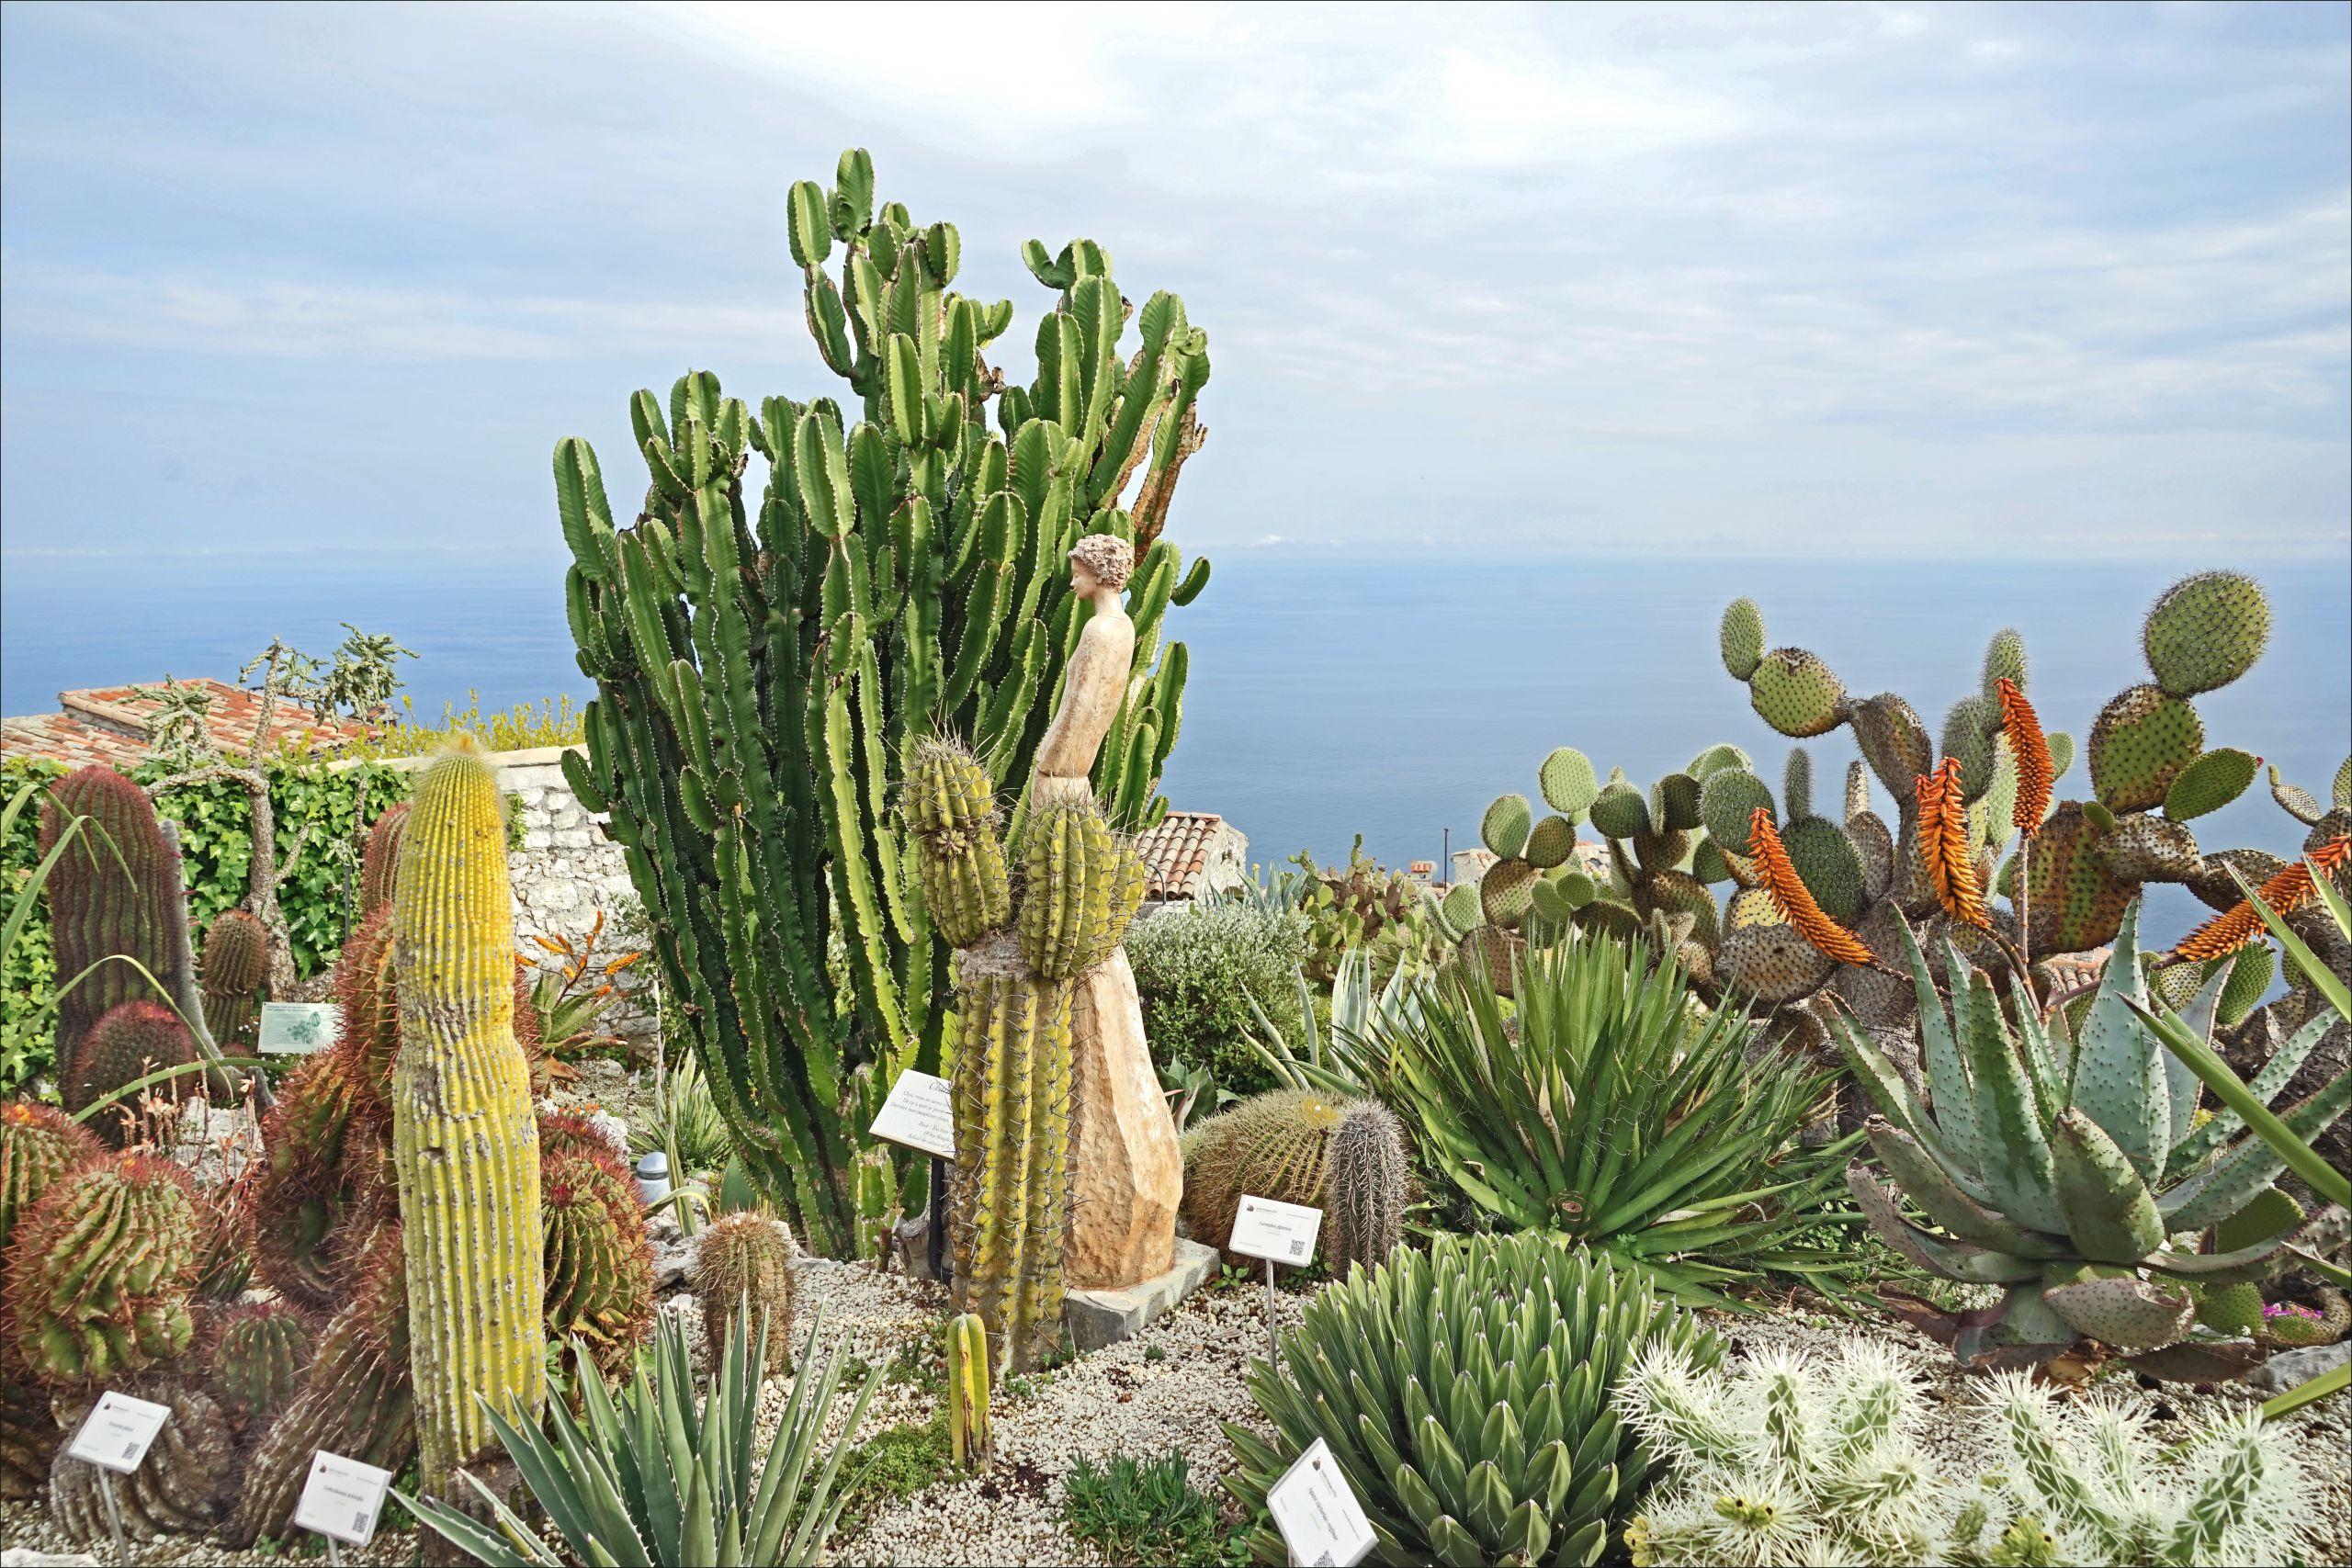 Le jardin exotique d Èze sur la Côte d Azur France %